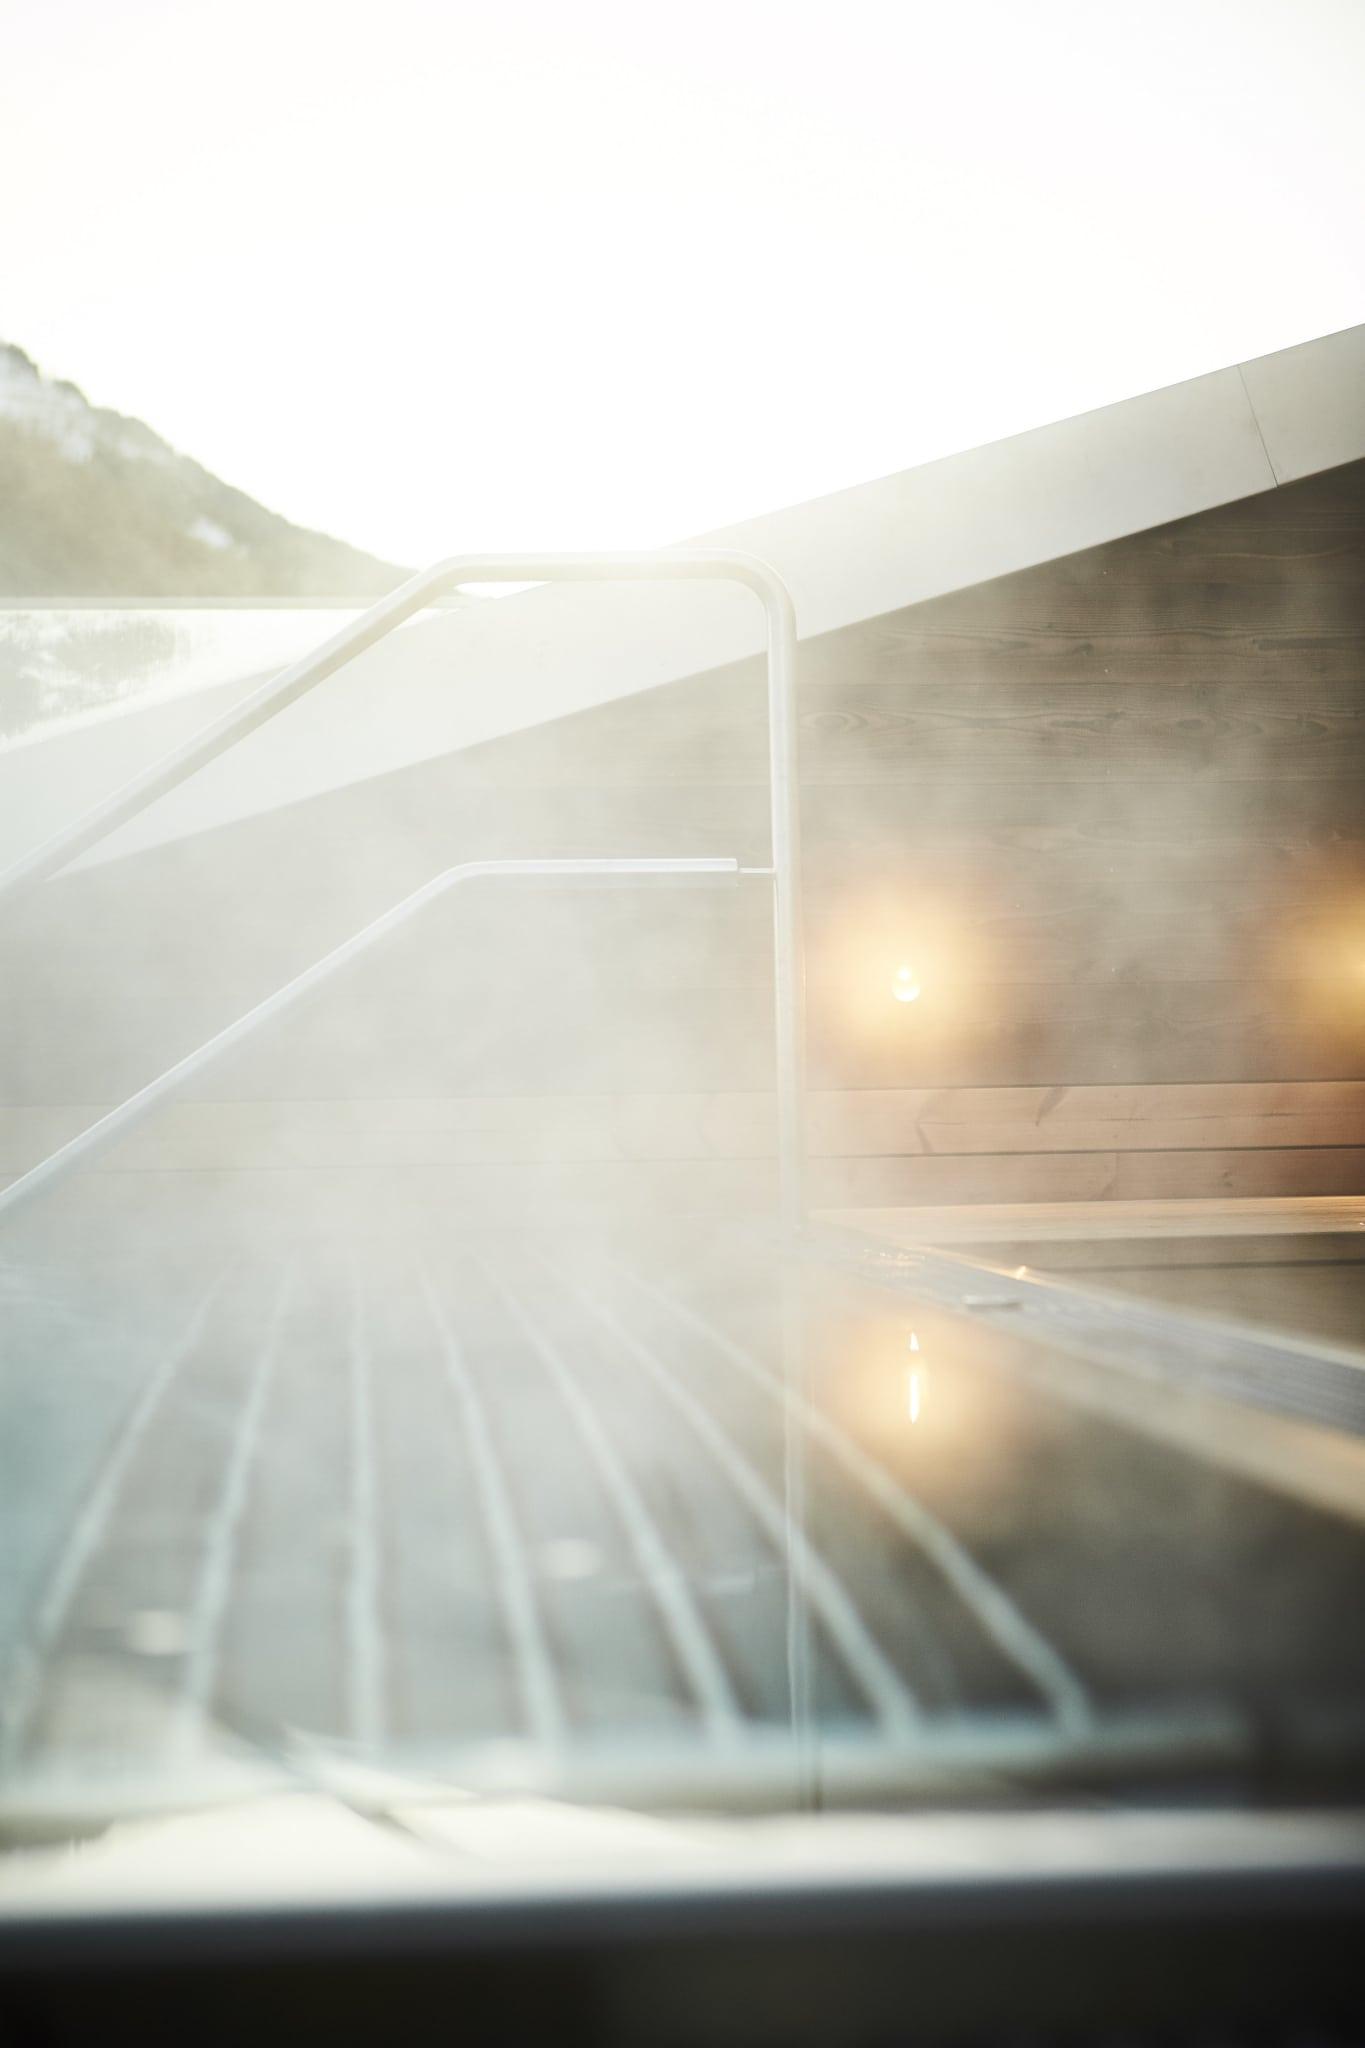 Dampf steigt vom Außenwhirlpool auf